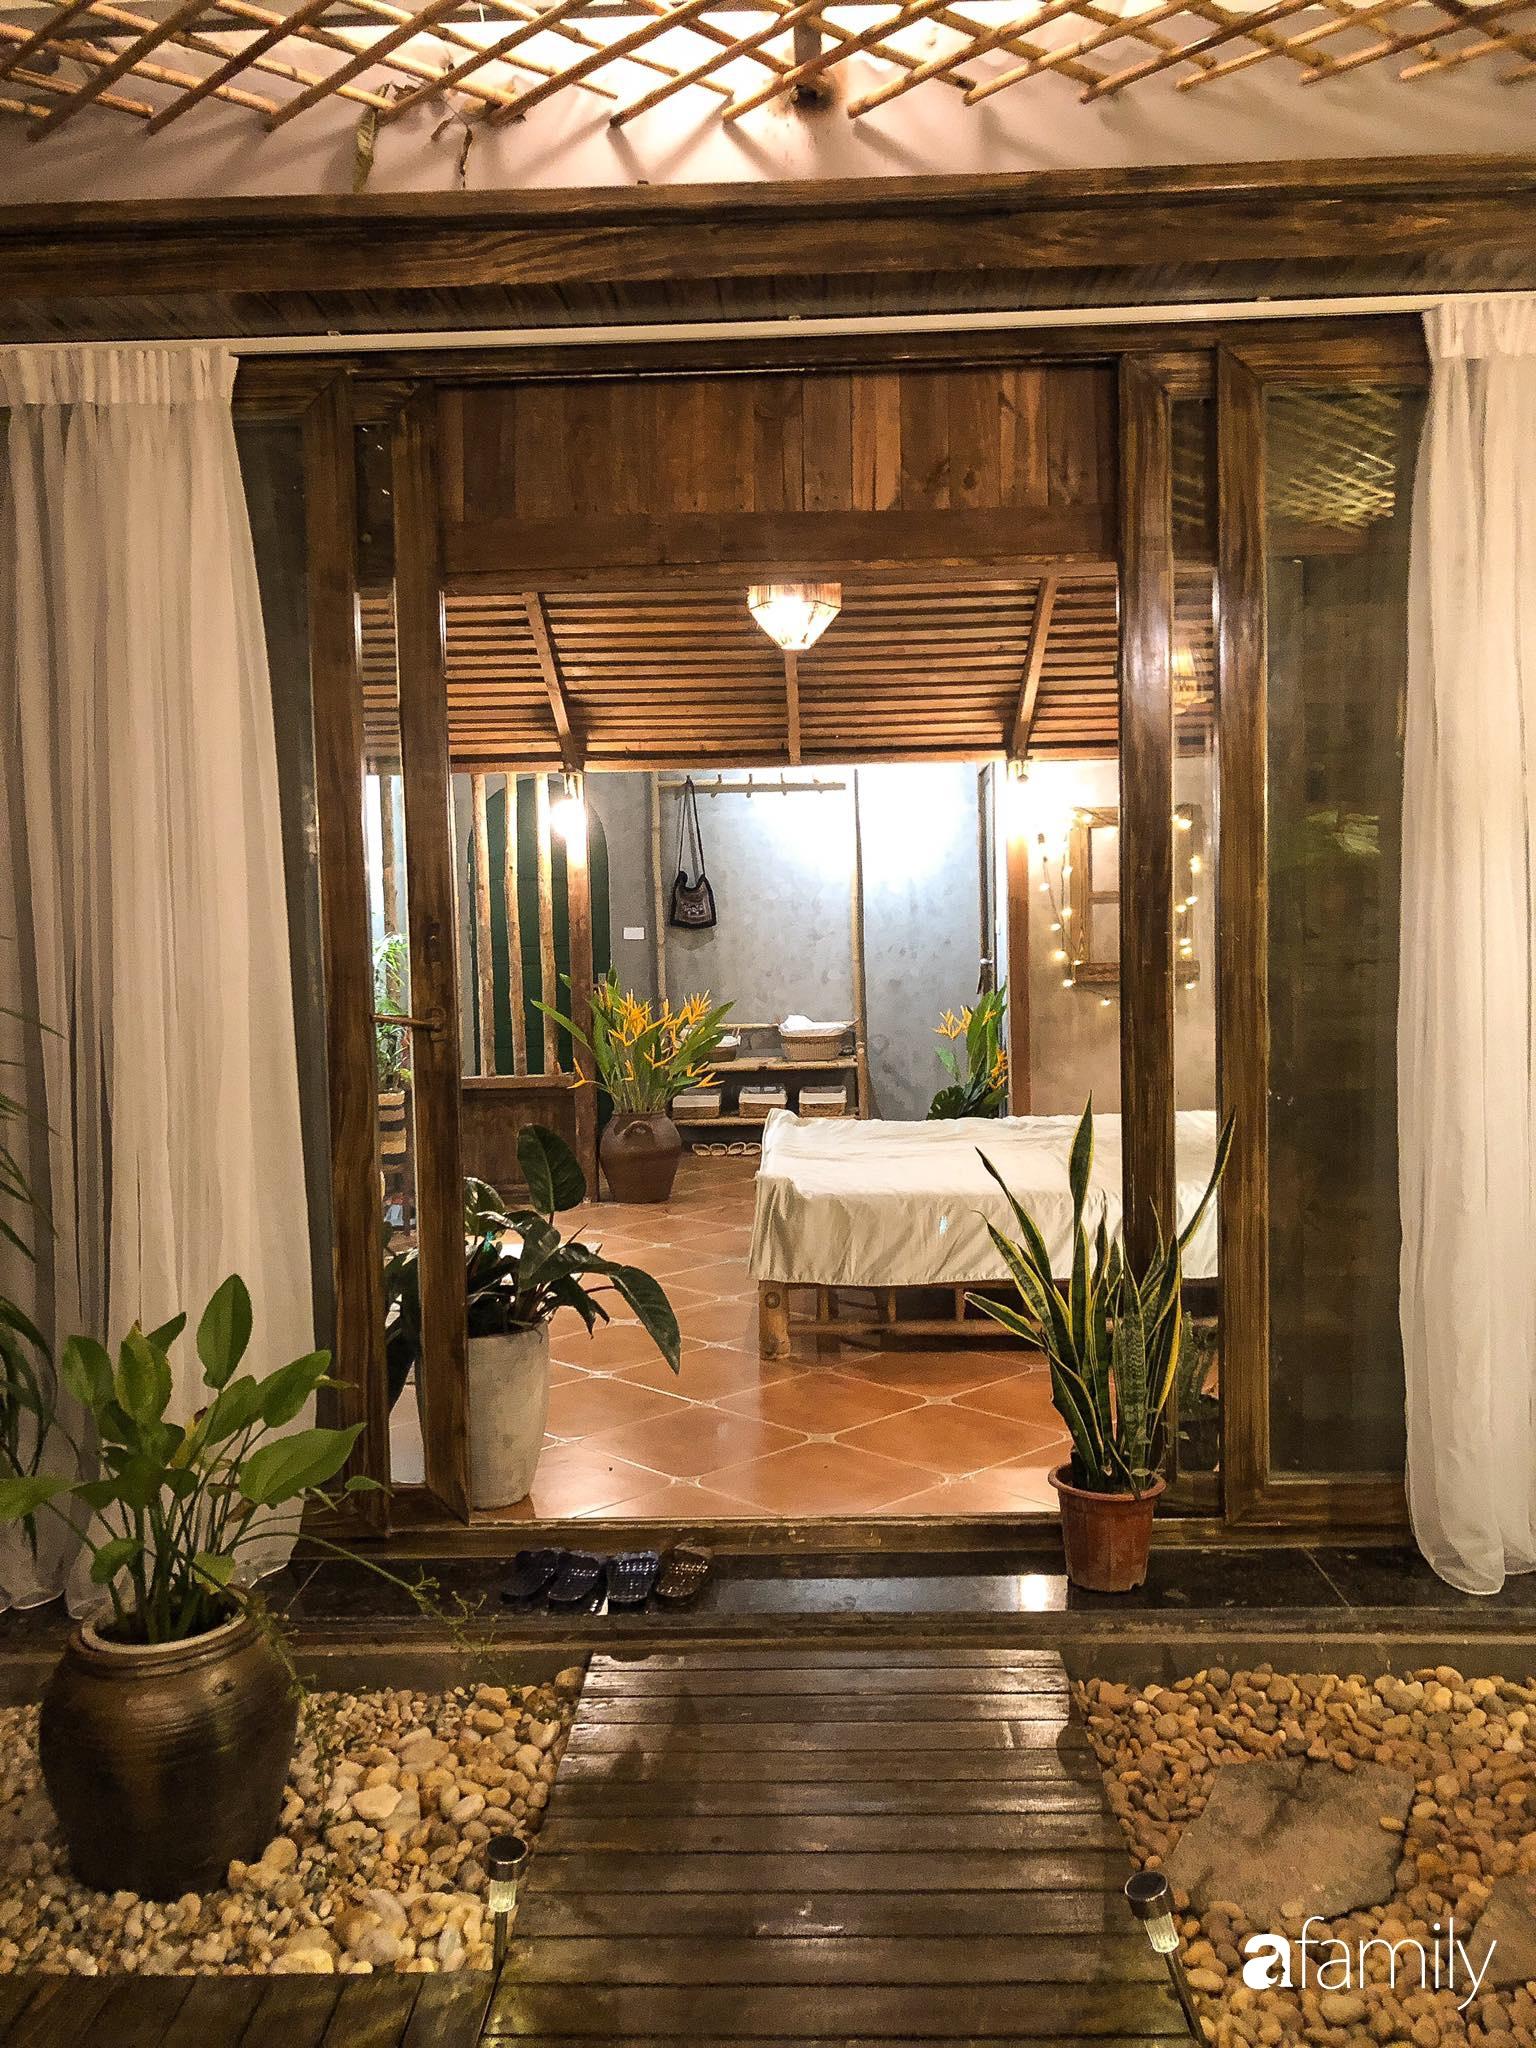 Chỉ hai tuần cải tạo với chi phí 133 triệu đồng, căn nhà cũ biến thành không gian đẹp như resort cao cấp giữa lòng Hà Nội - Ảnh 13.